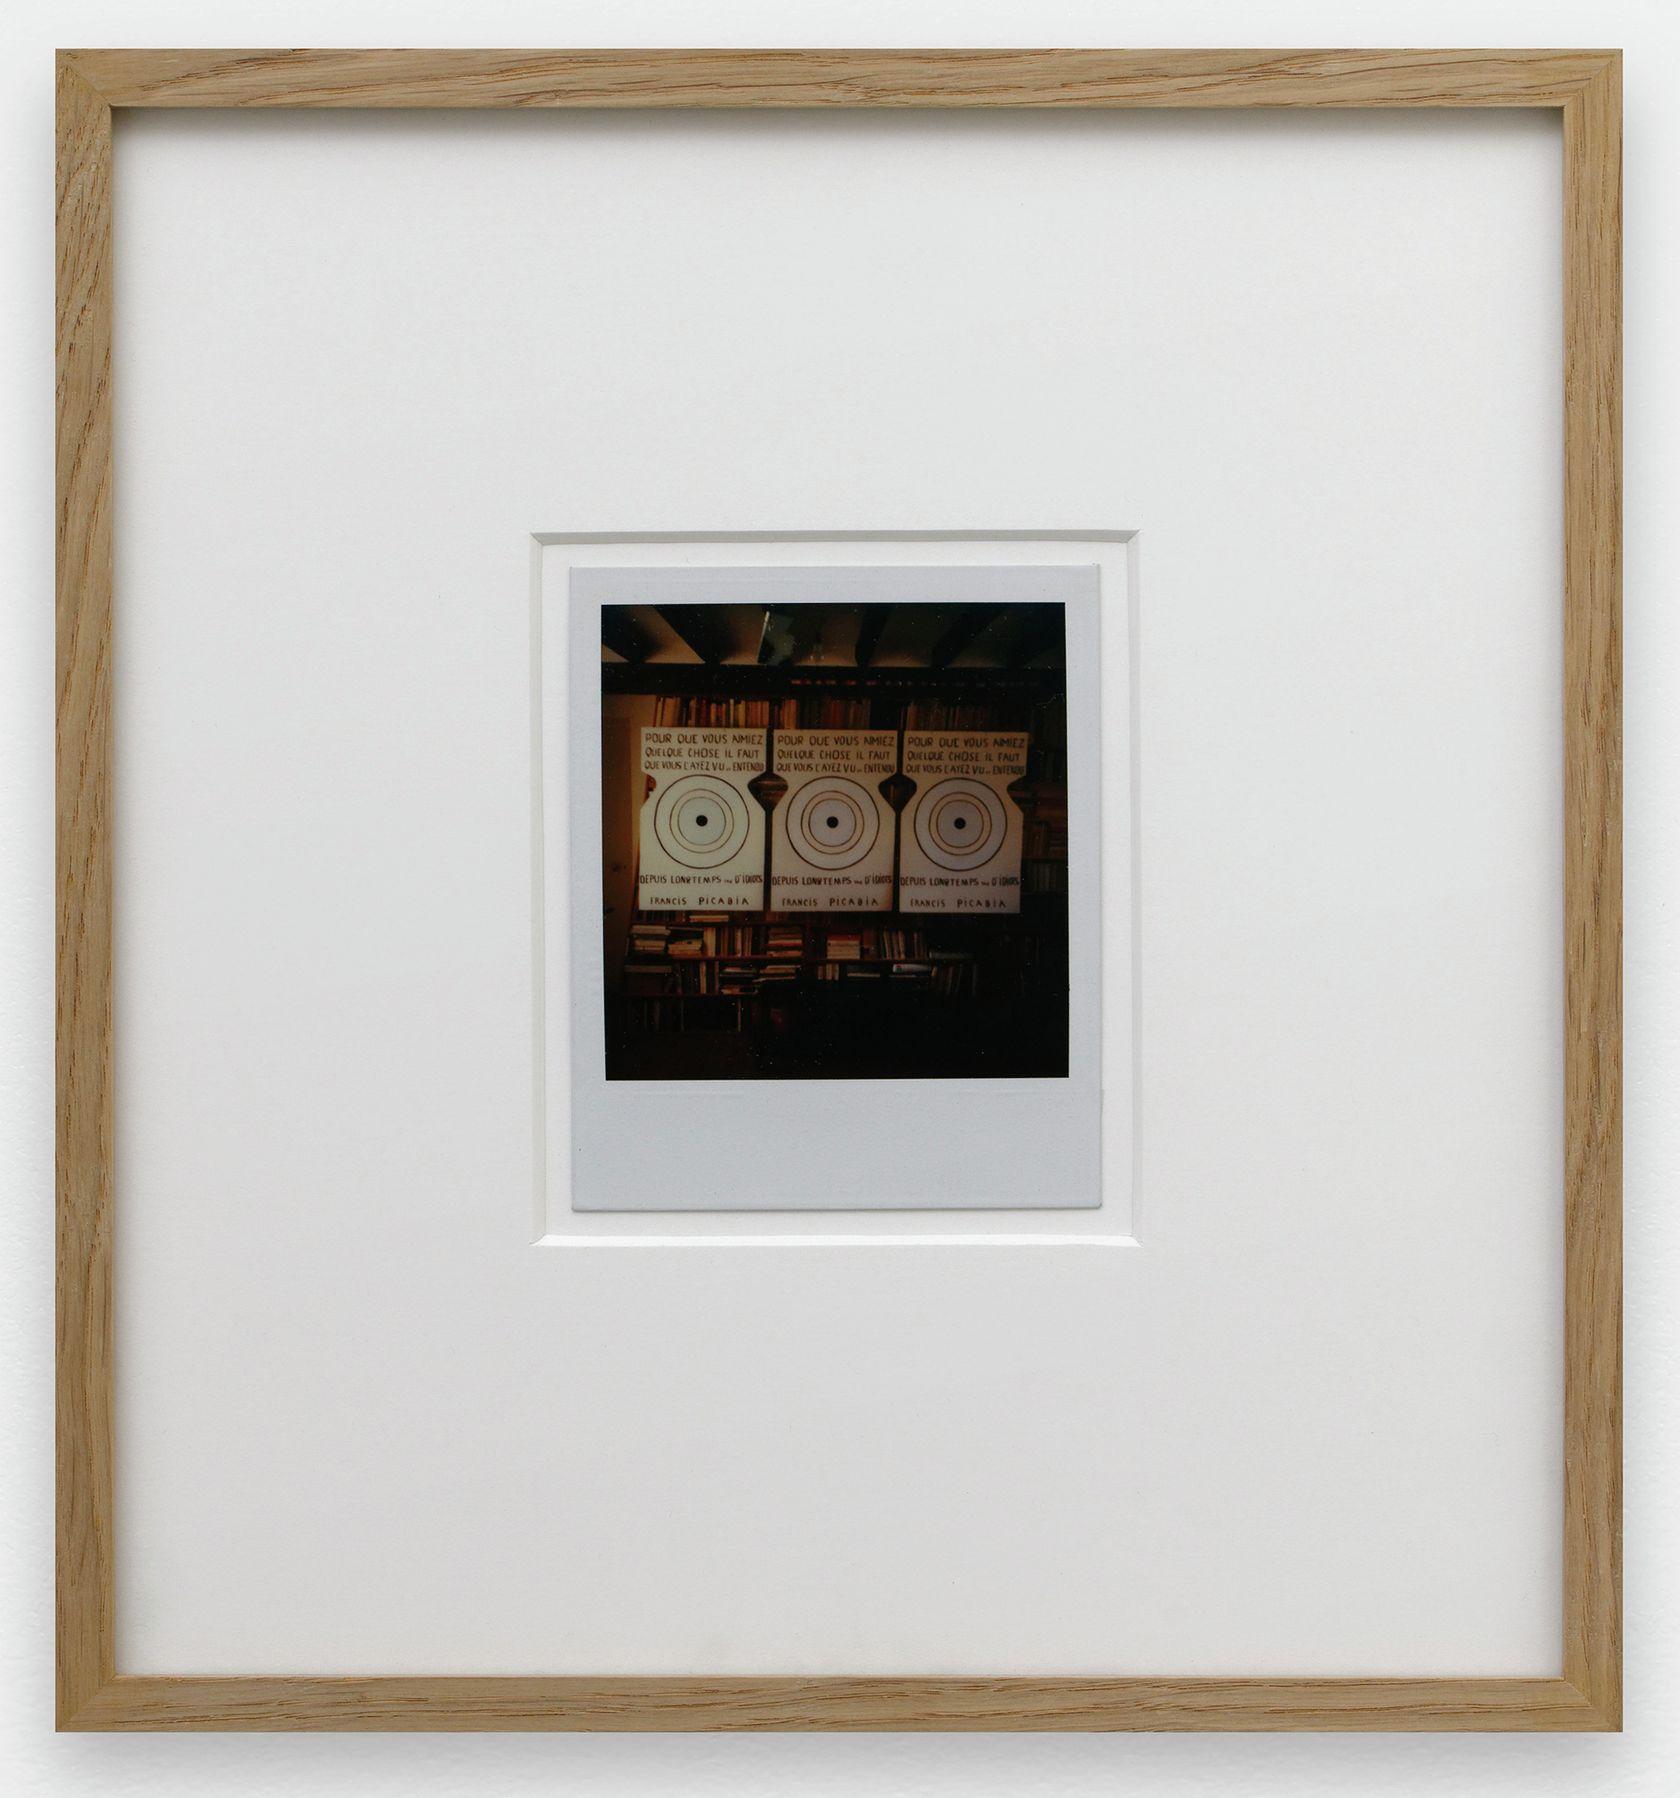 Ernest T., Sans titre, 1985 Polaroïd10.7 × 8.8 cm / 4 2/8 × 3 1/2 in. | 28 × 26 × 3 cm / 11  × 10 2/8 × 1 1/8 in. (encadré/framed)